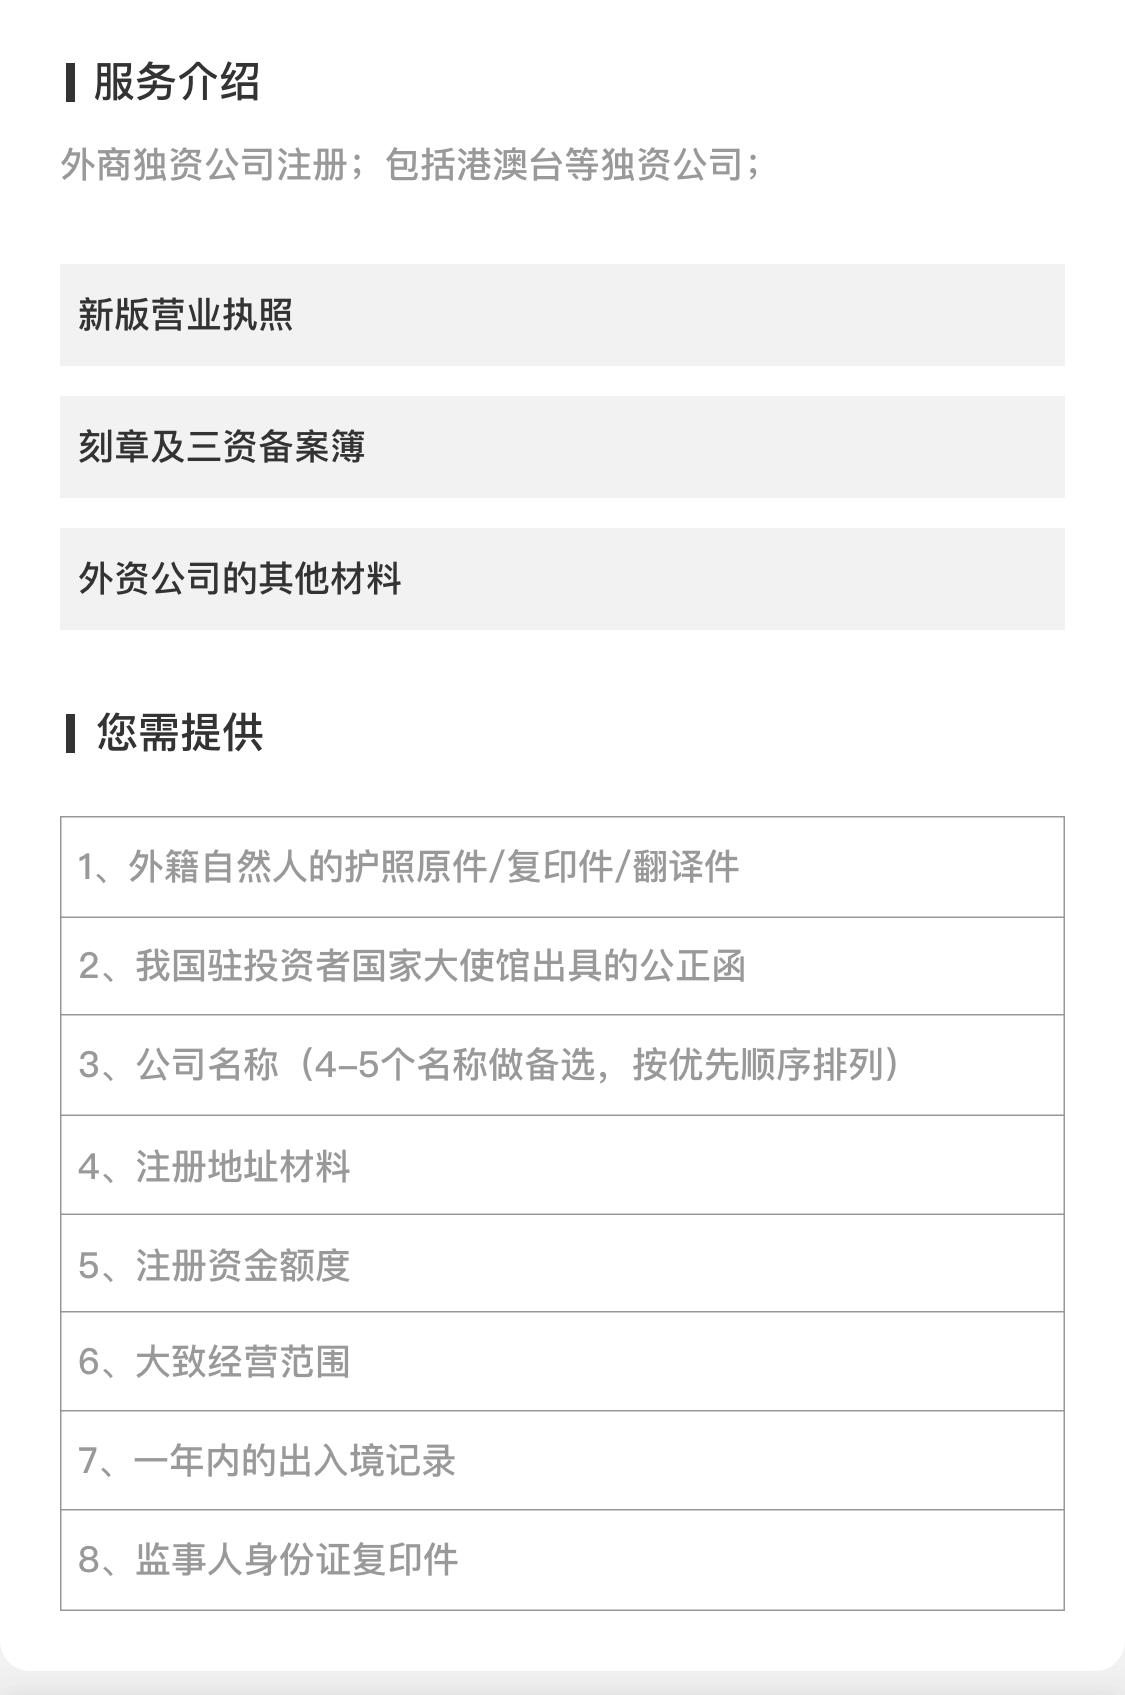 外商獨資企業注冊 copy.png